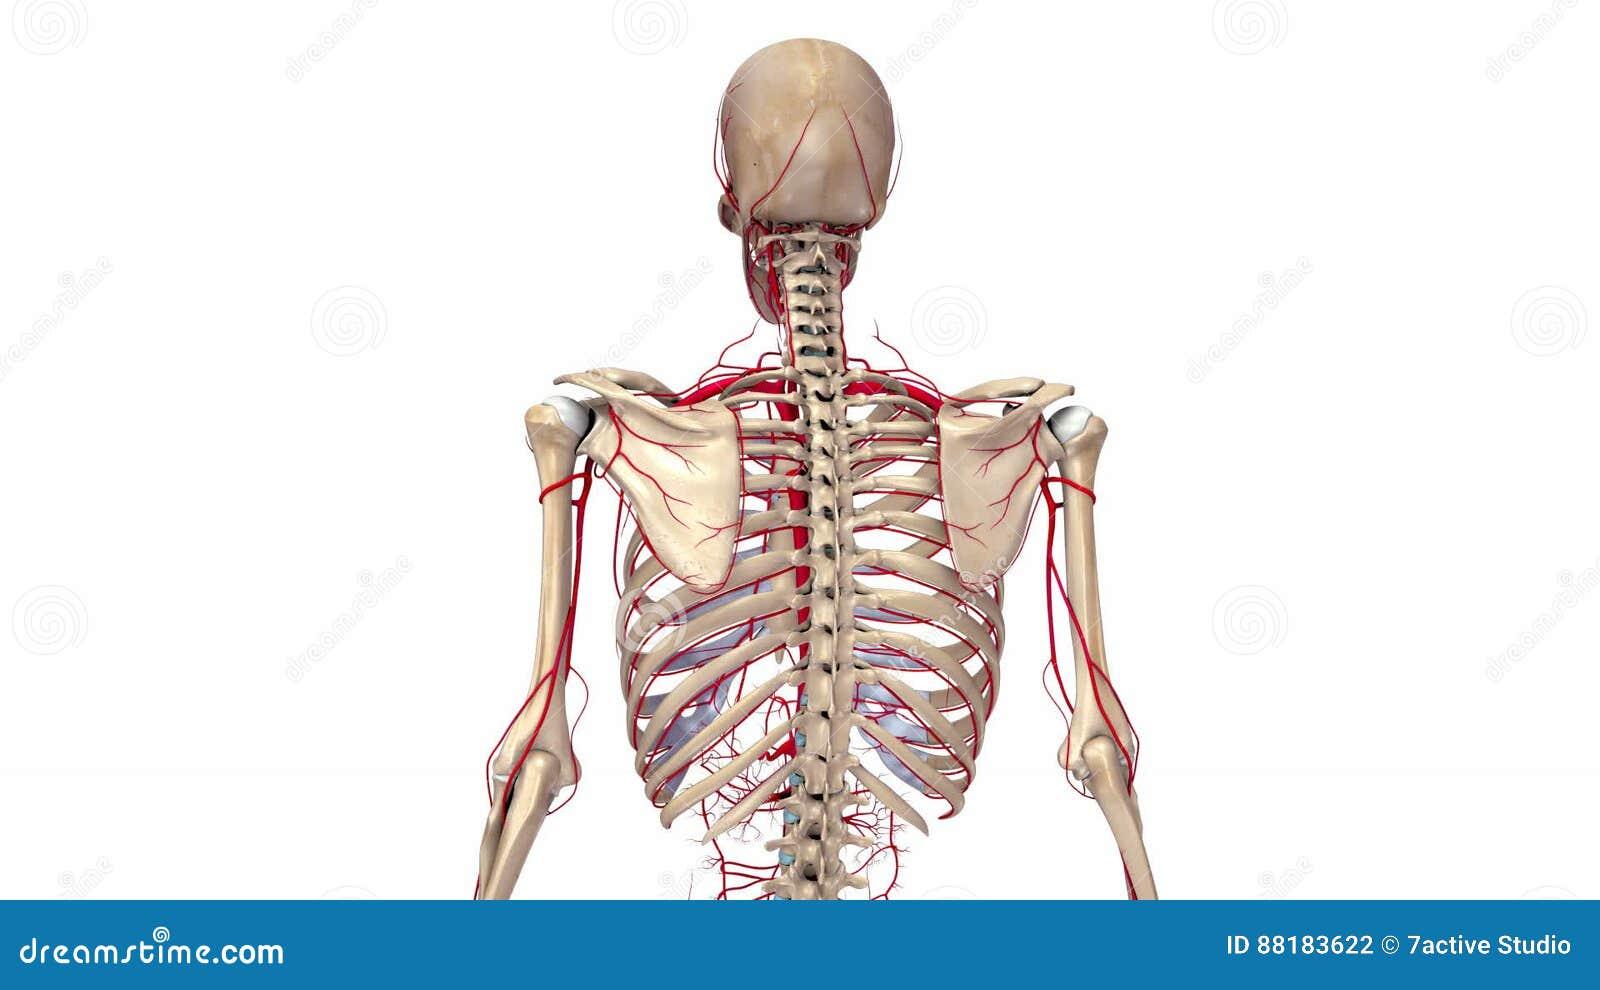 Groß Menschliches Skelett Knochen Bilder - Menschliche Anatomie ...